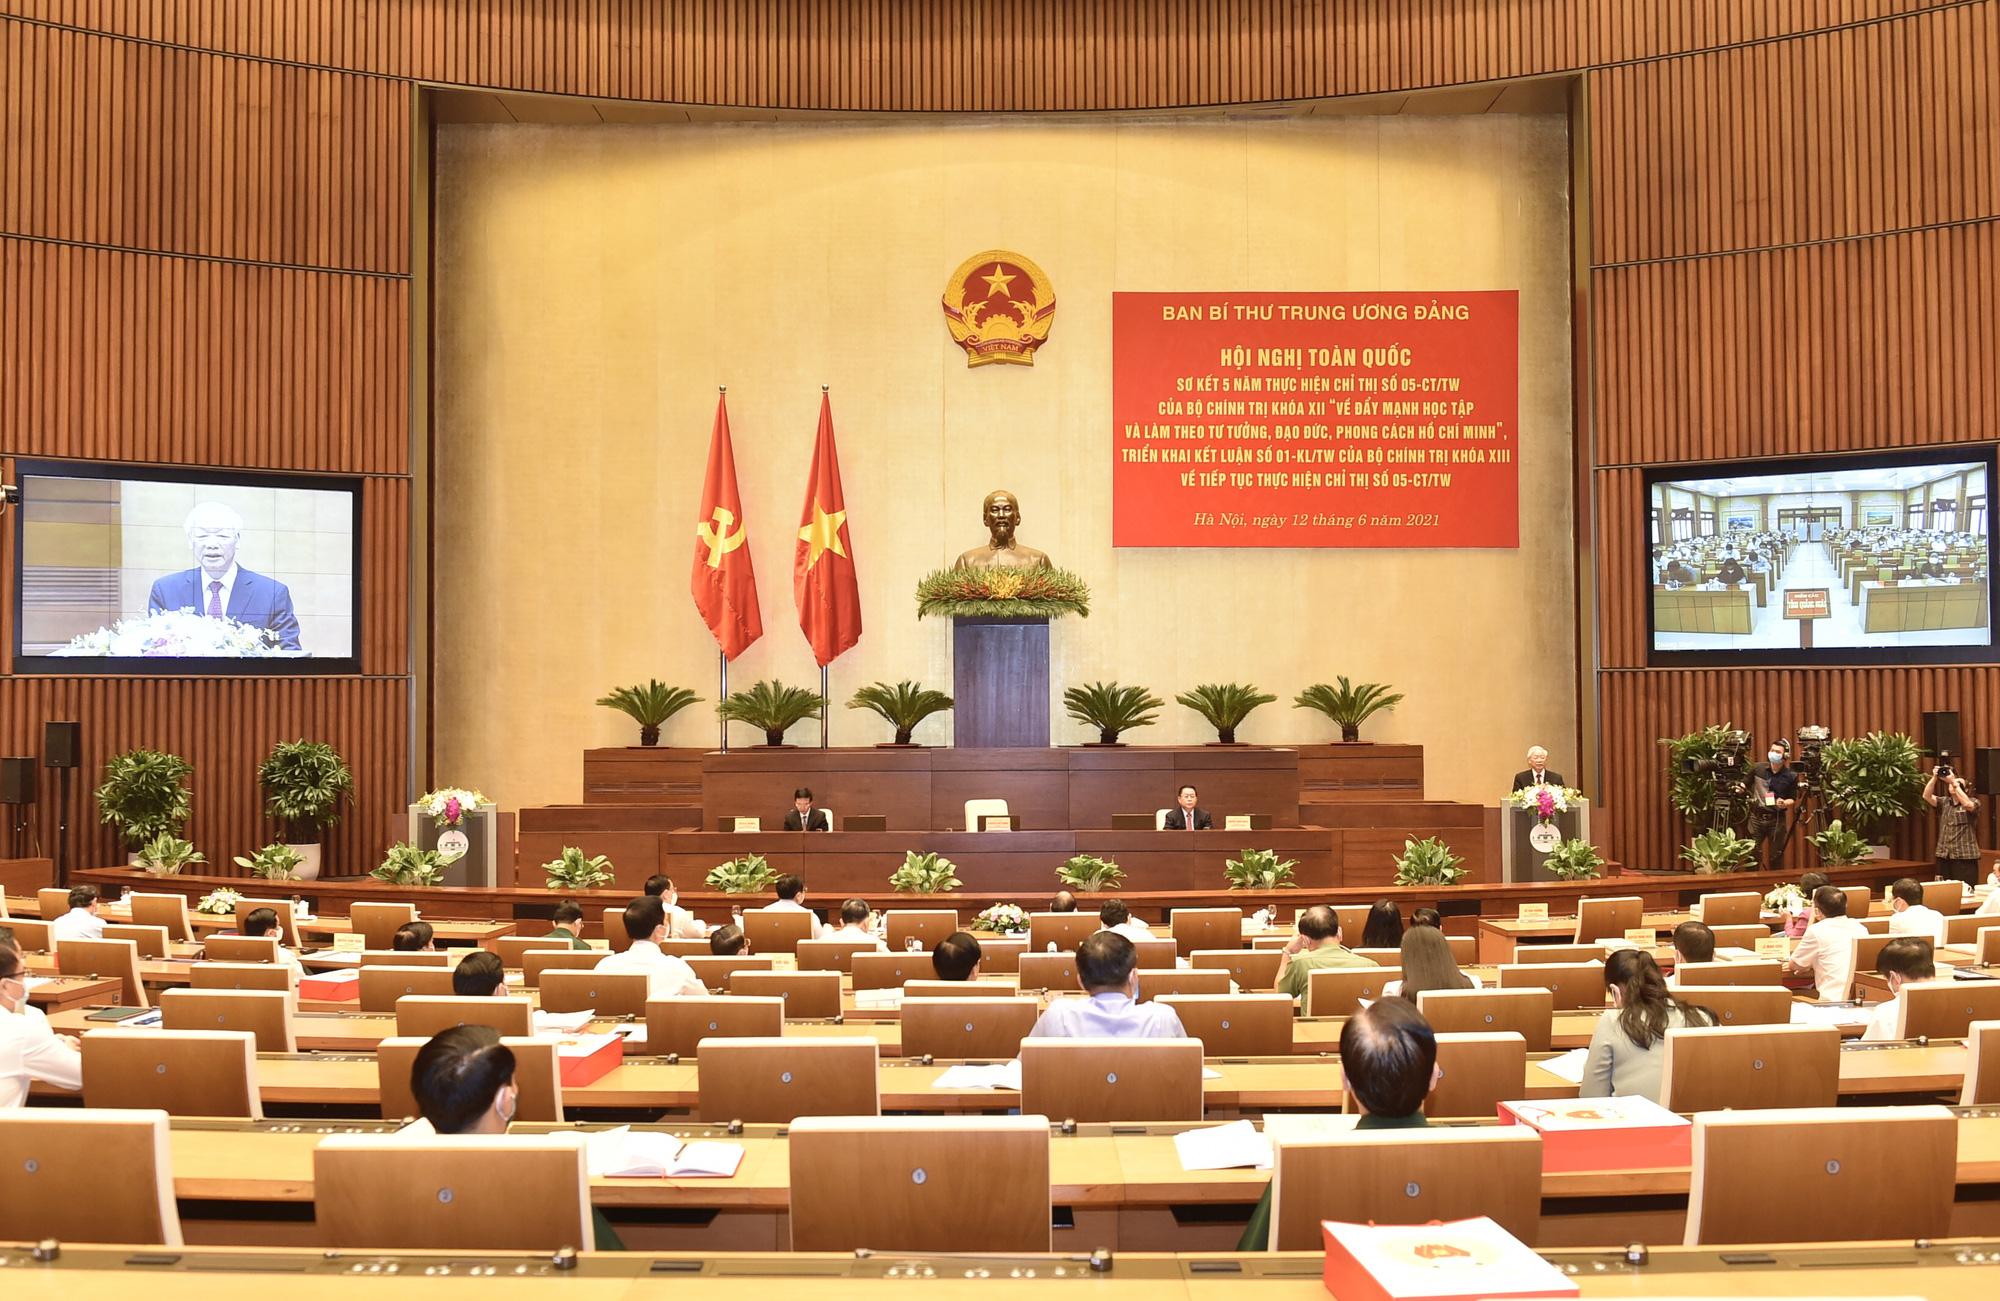 Tư tưởng, đạo đức, phong cách của Chủ tịch Hồ Chí Minh phải thực sự thấm sâu vào đời sống xã hội - Ảnh 3.